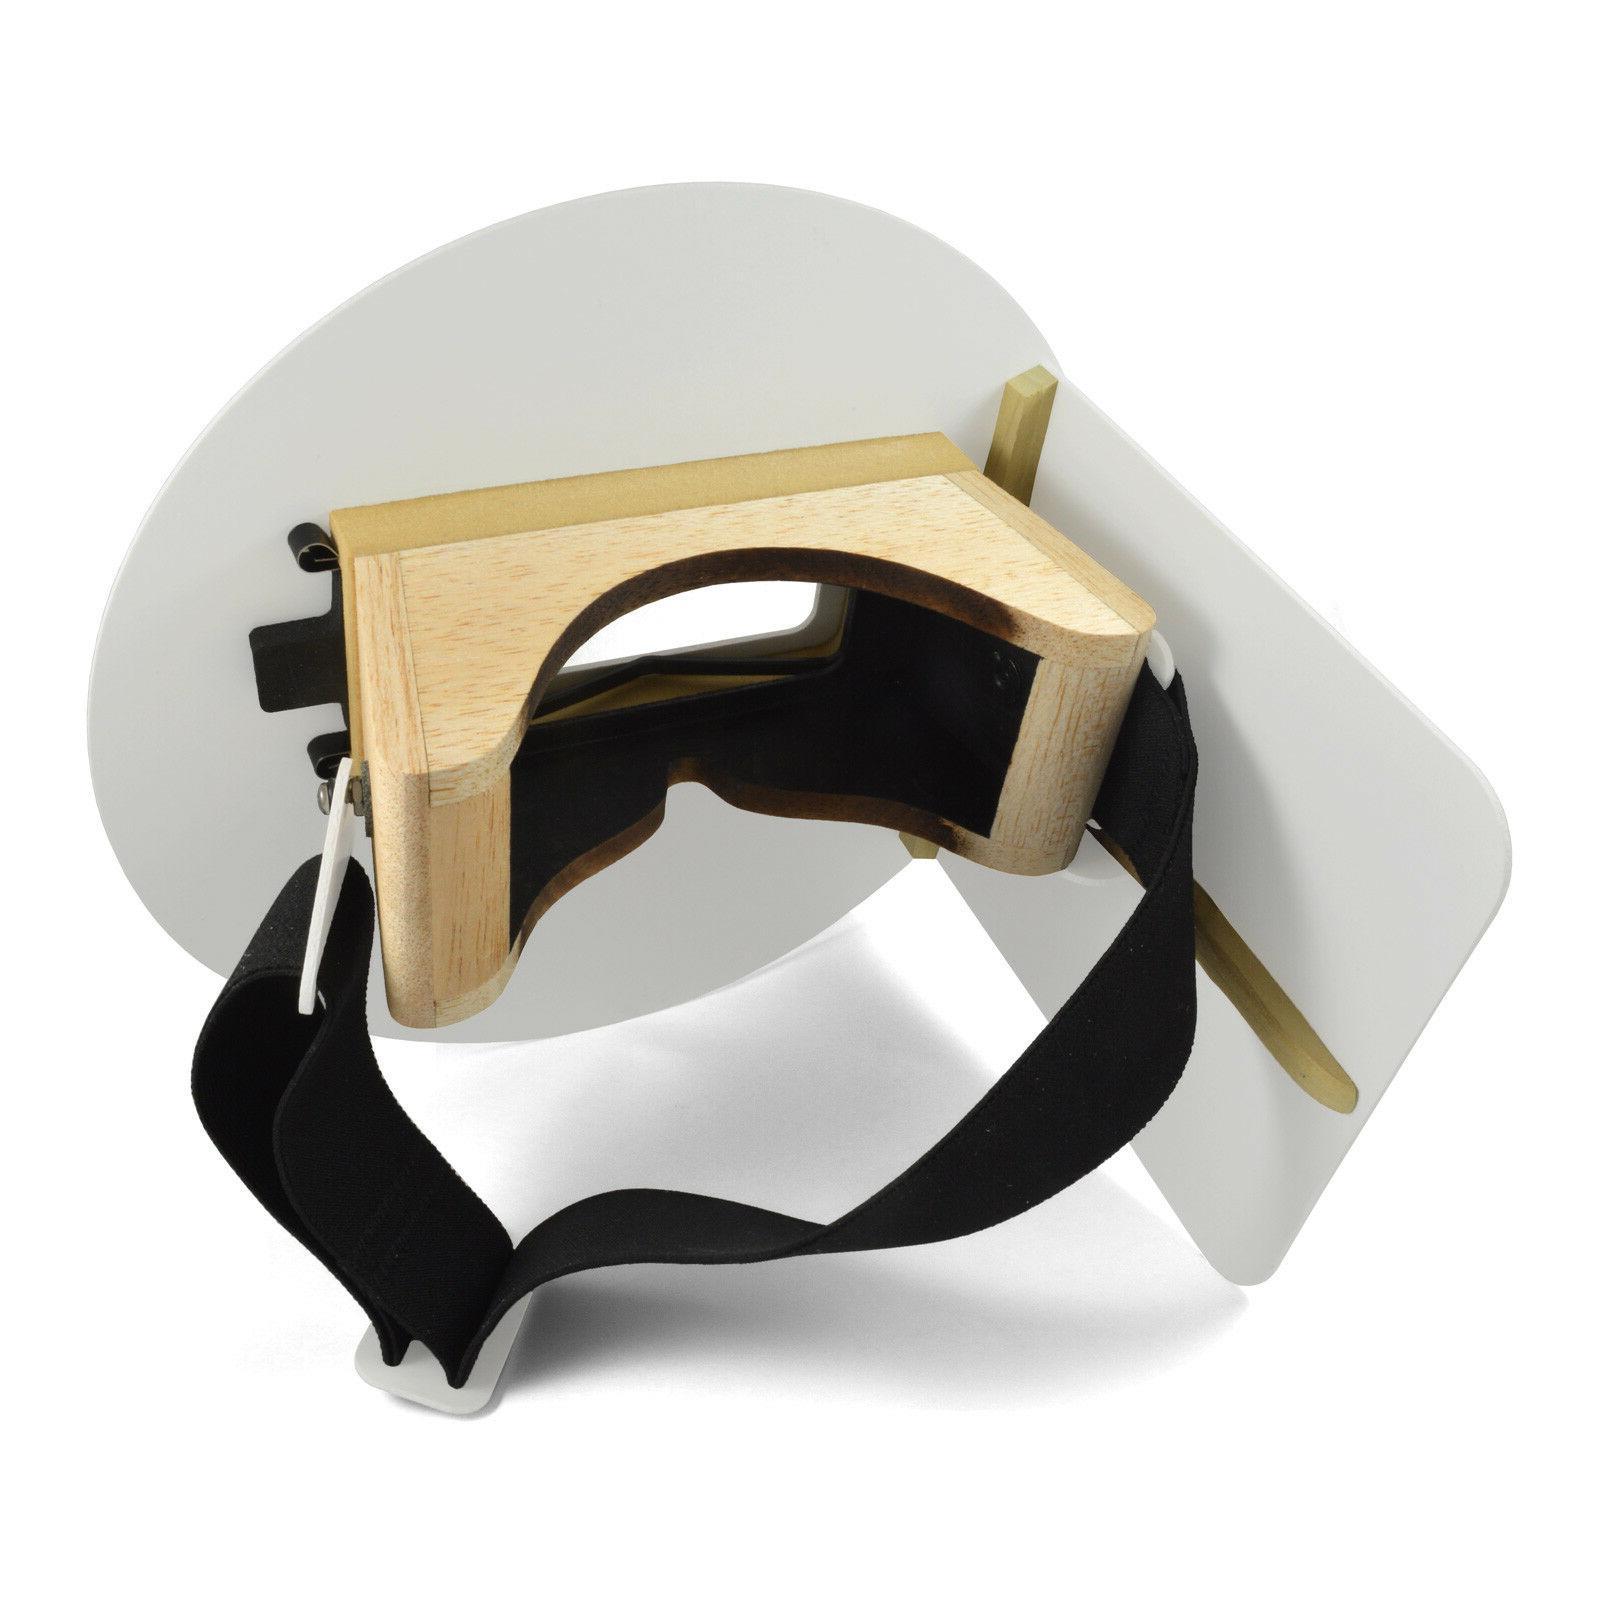 Wendy/'s Pancake Welding Hood Helmet w//strap Right Handed White w//Flip Up Lens